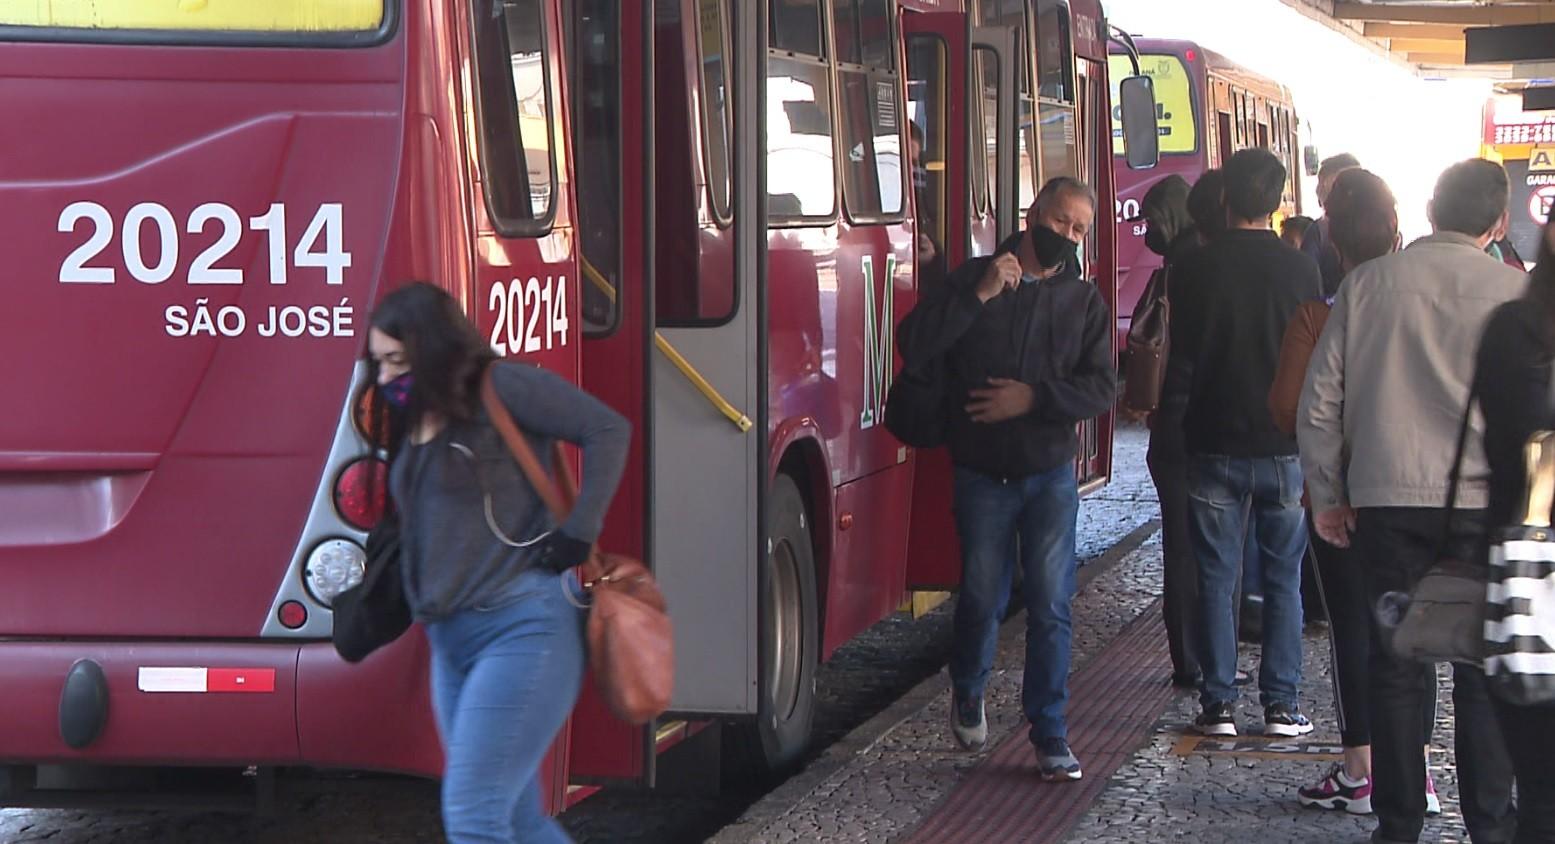 Governo apresenta projeto para distribuir passagens do transporte público a desempregados da Região Metropolitana de Curitiba